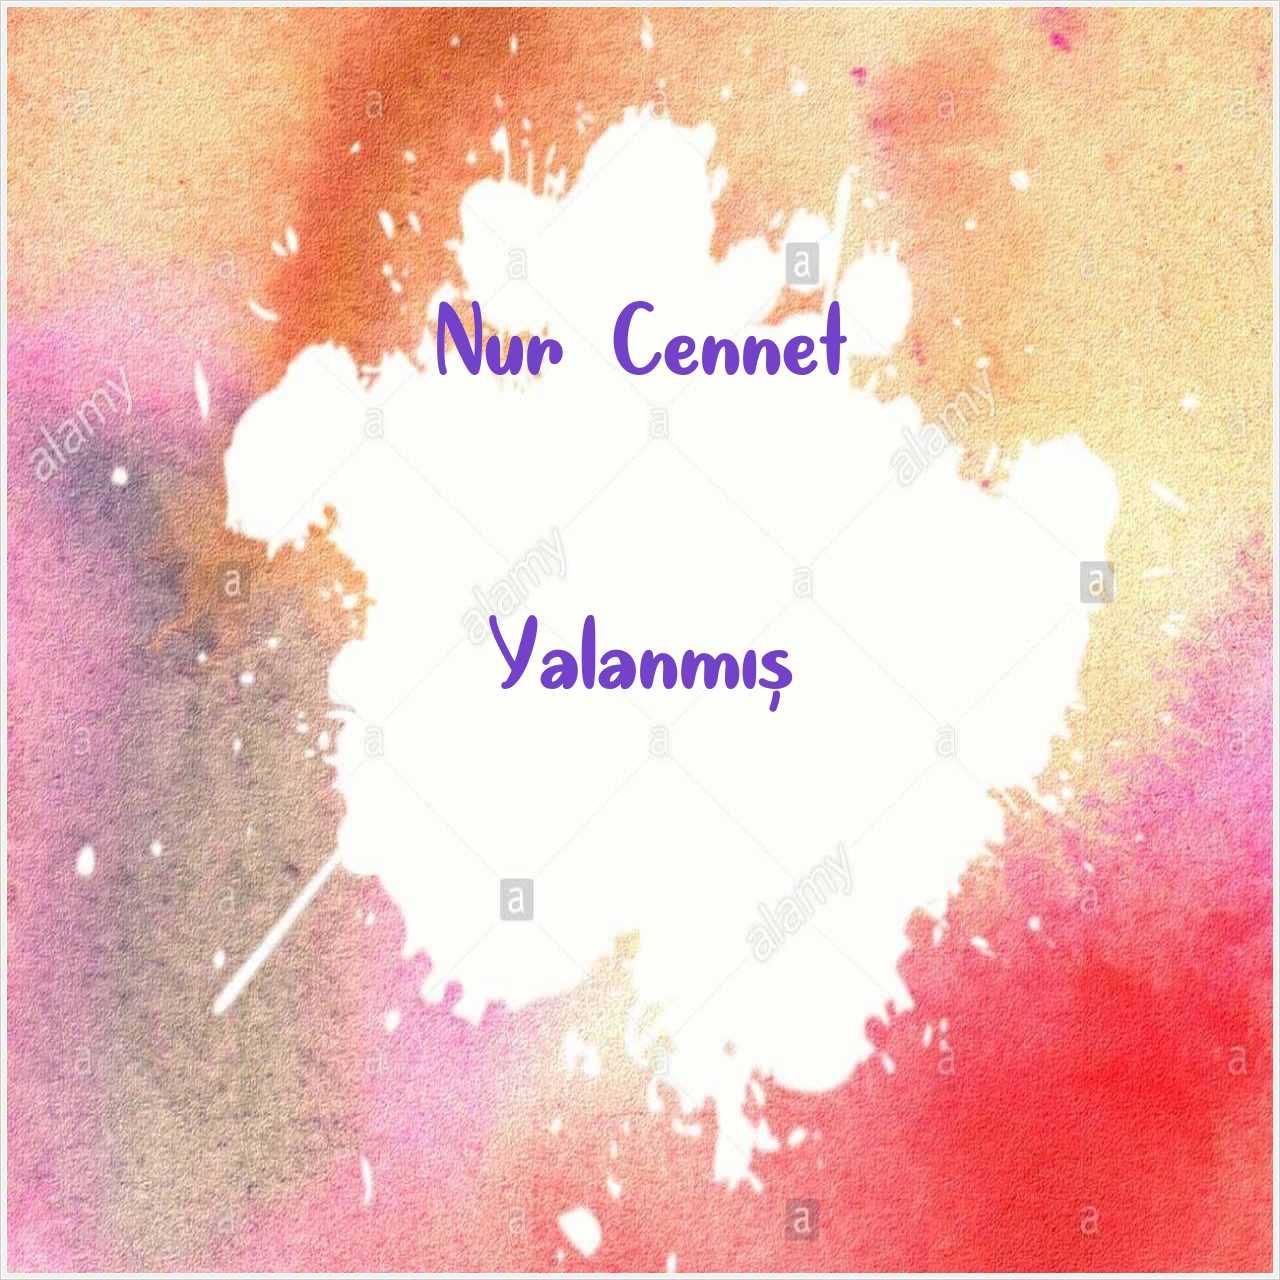 دانلود آهنگ جدید Nur Cennet به نام Yalanmış